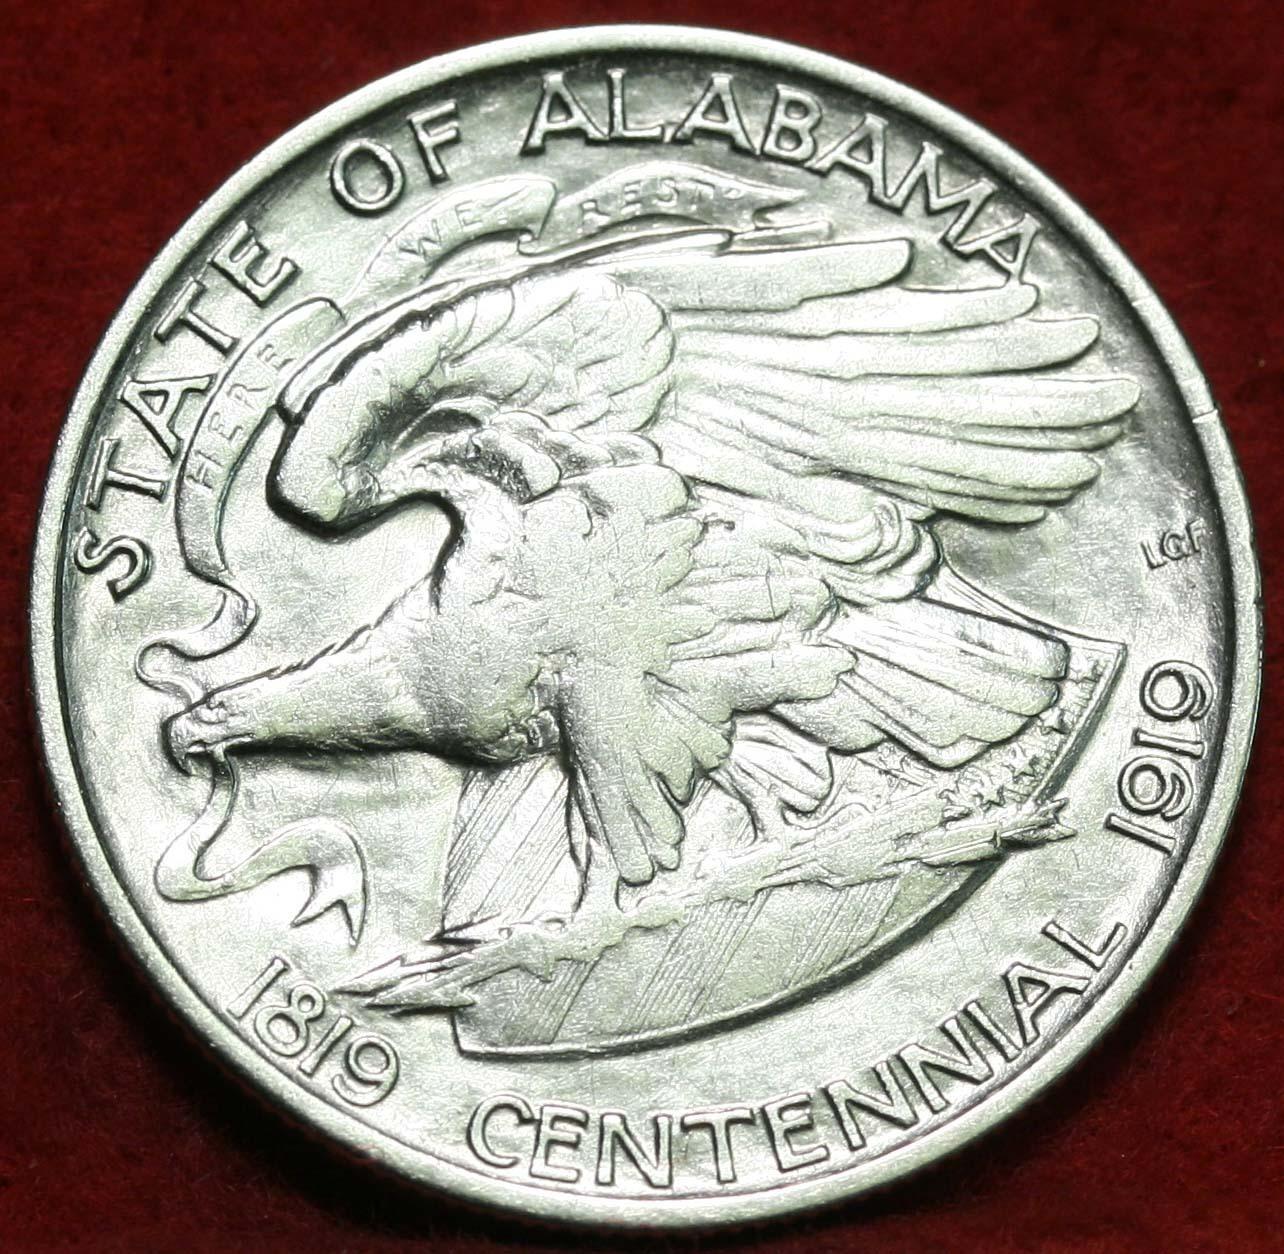 100леталабаме50центов продать редкую монету на аукционе